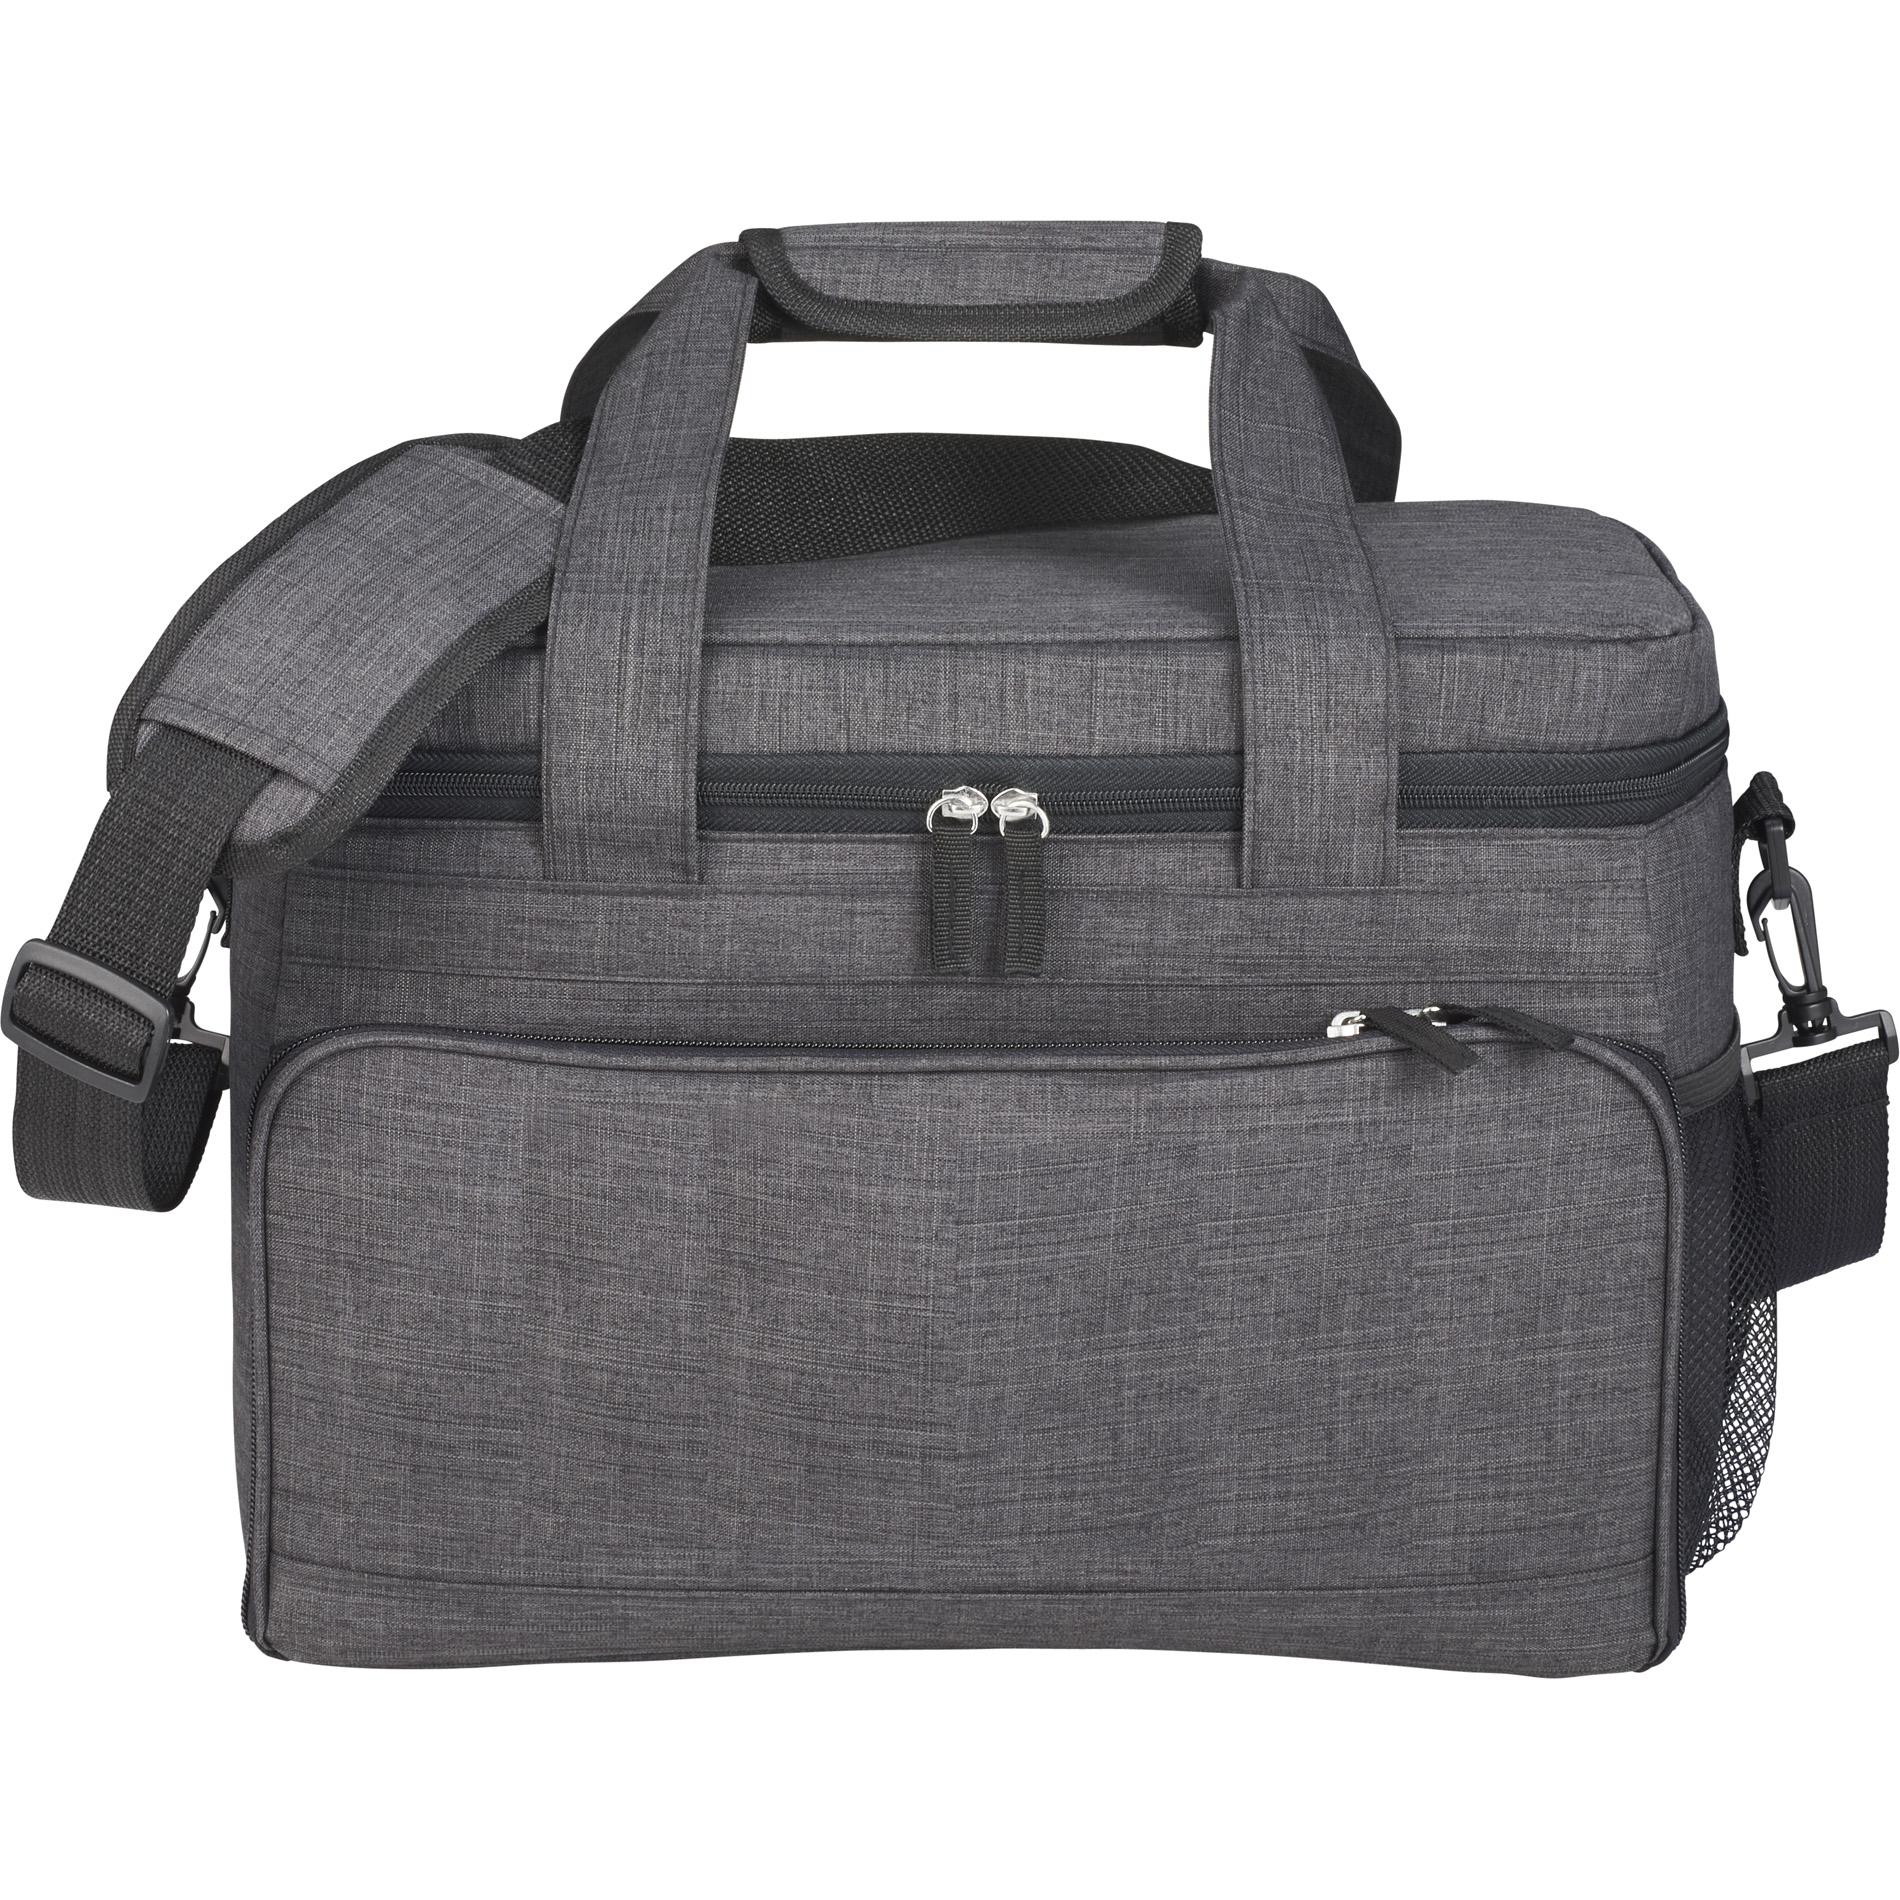 LEEDS 7380-02 - Wags Weekender Bag